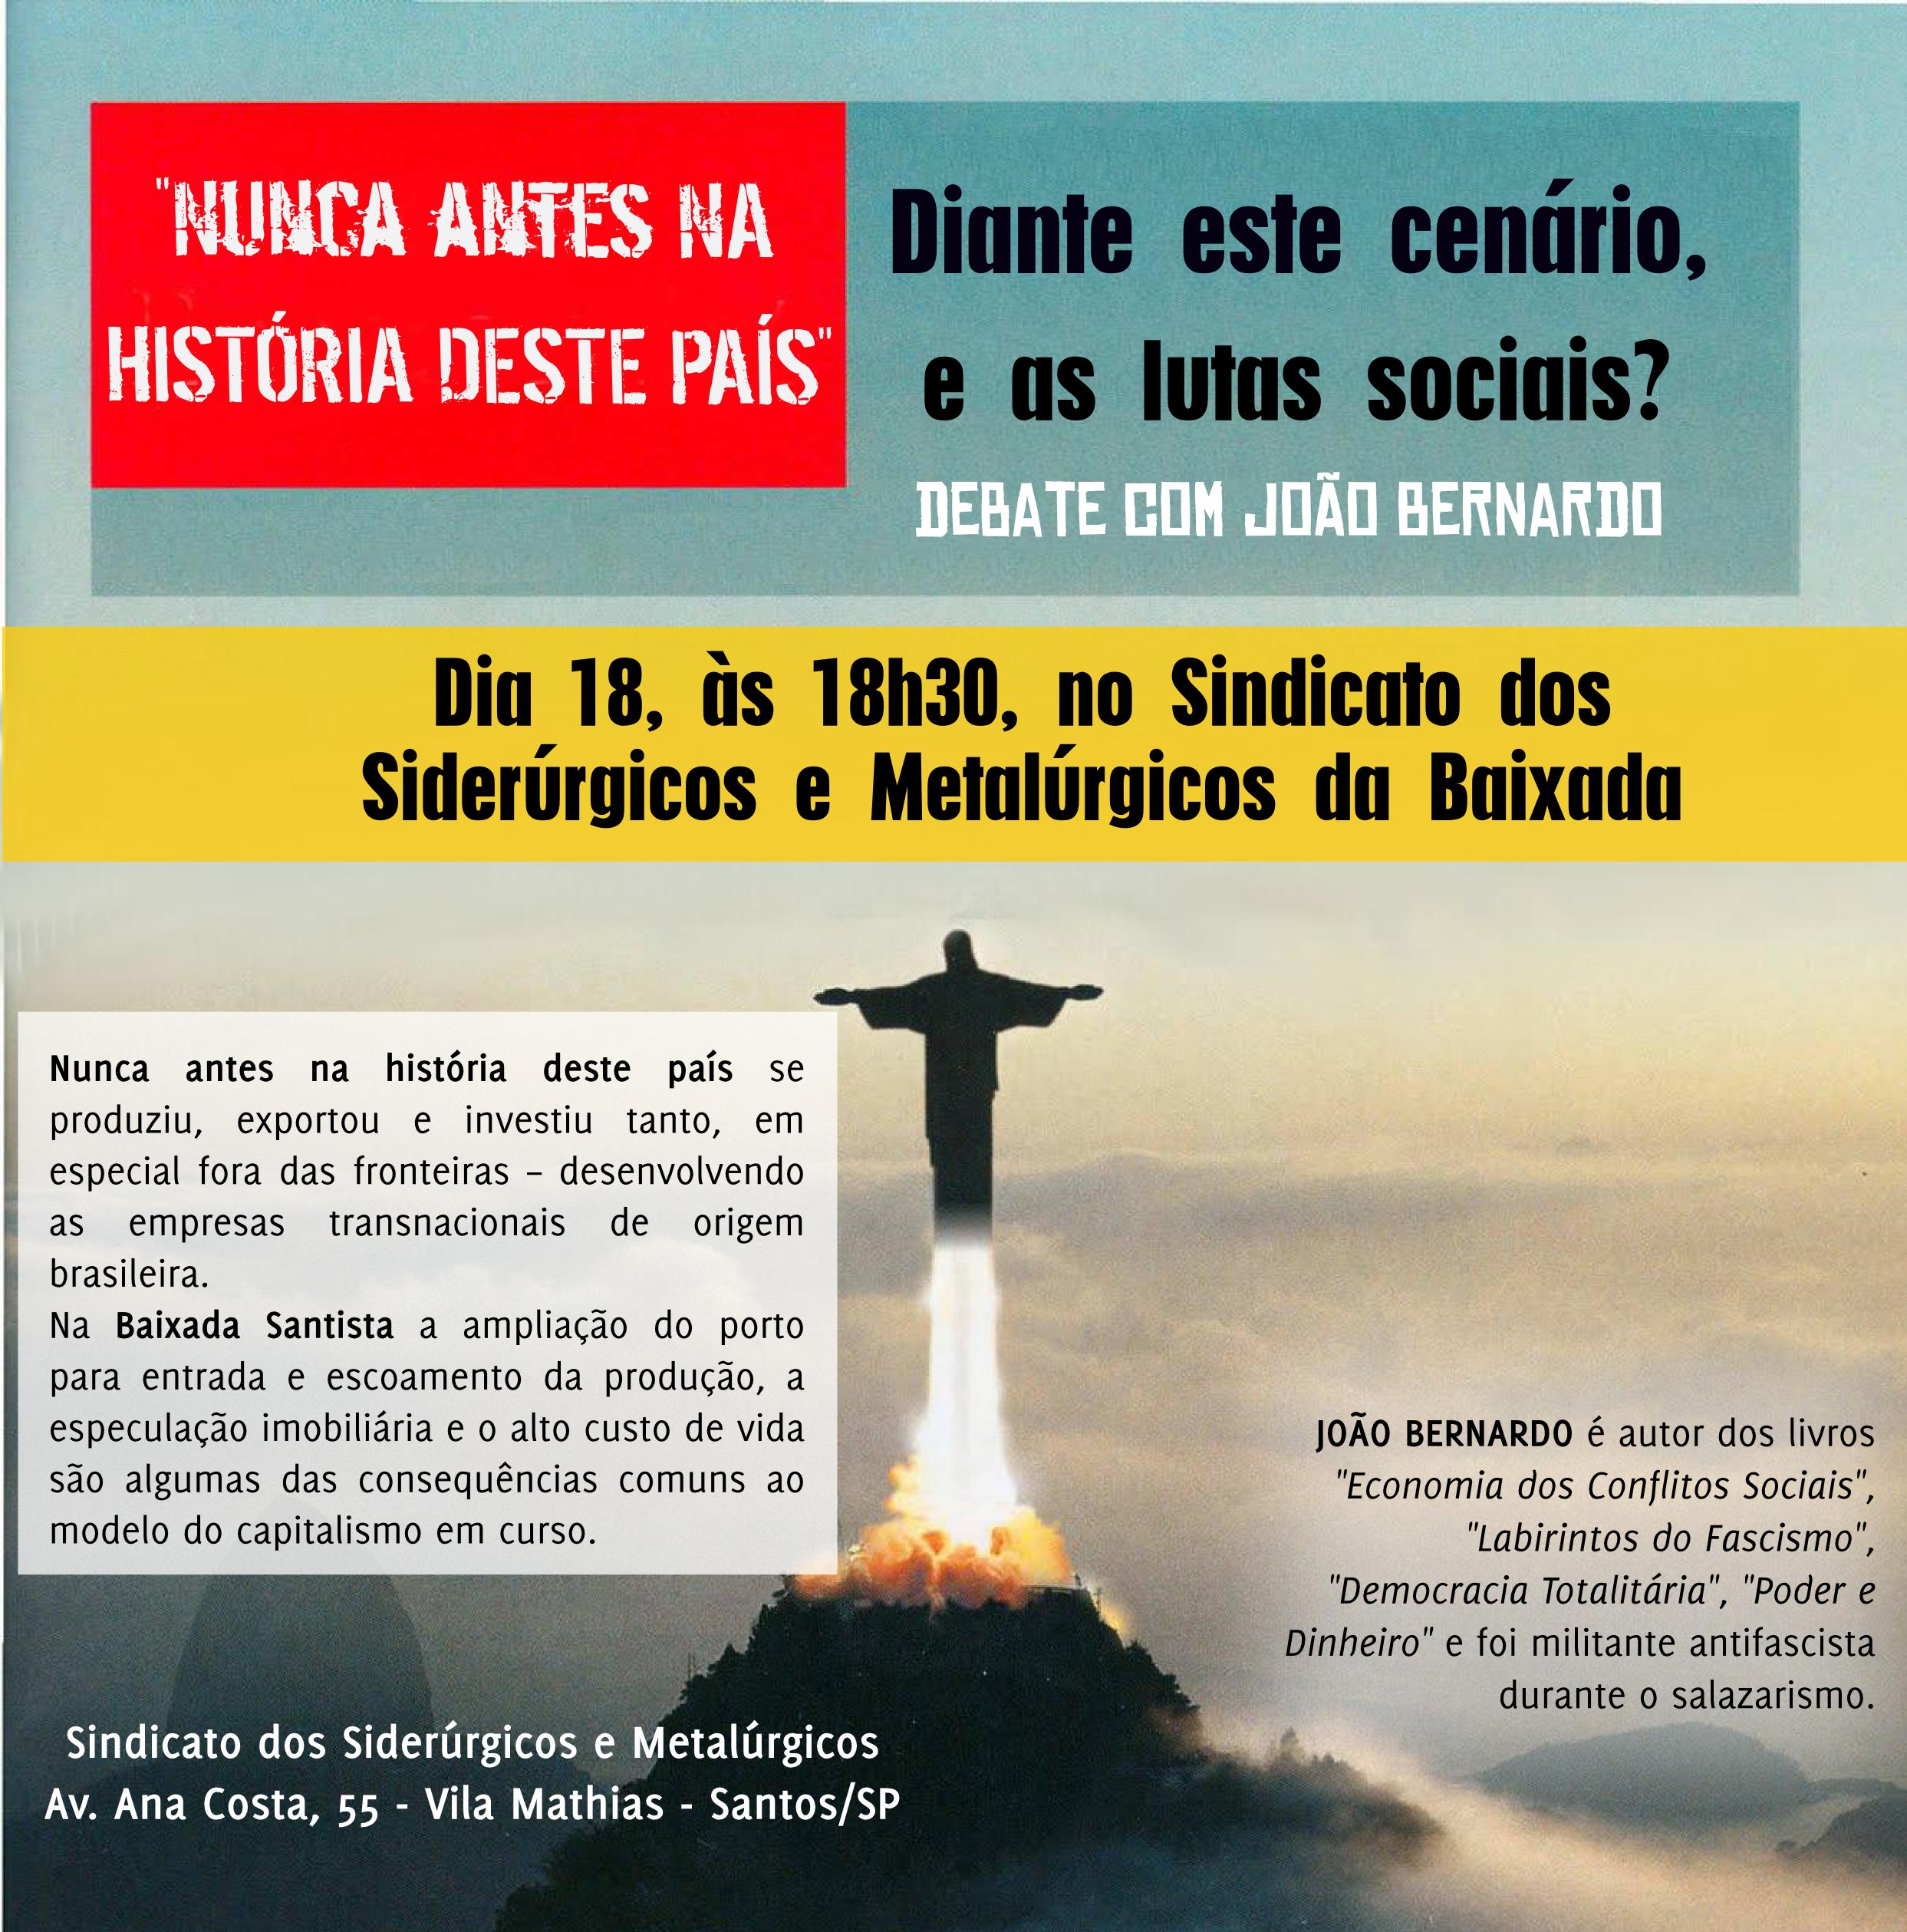 Debate com João Bernardo